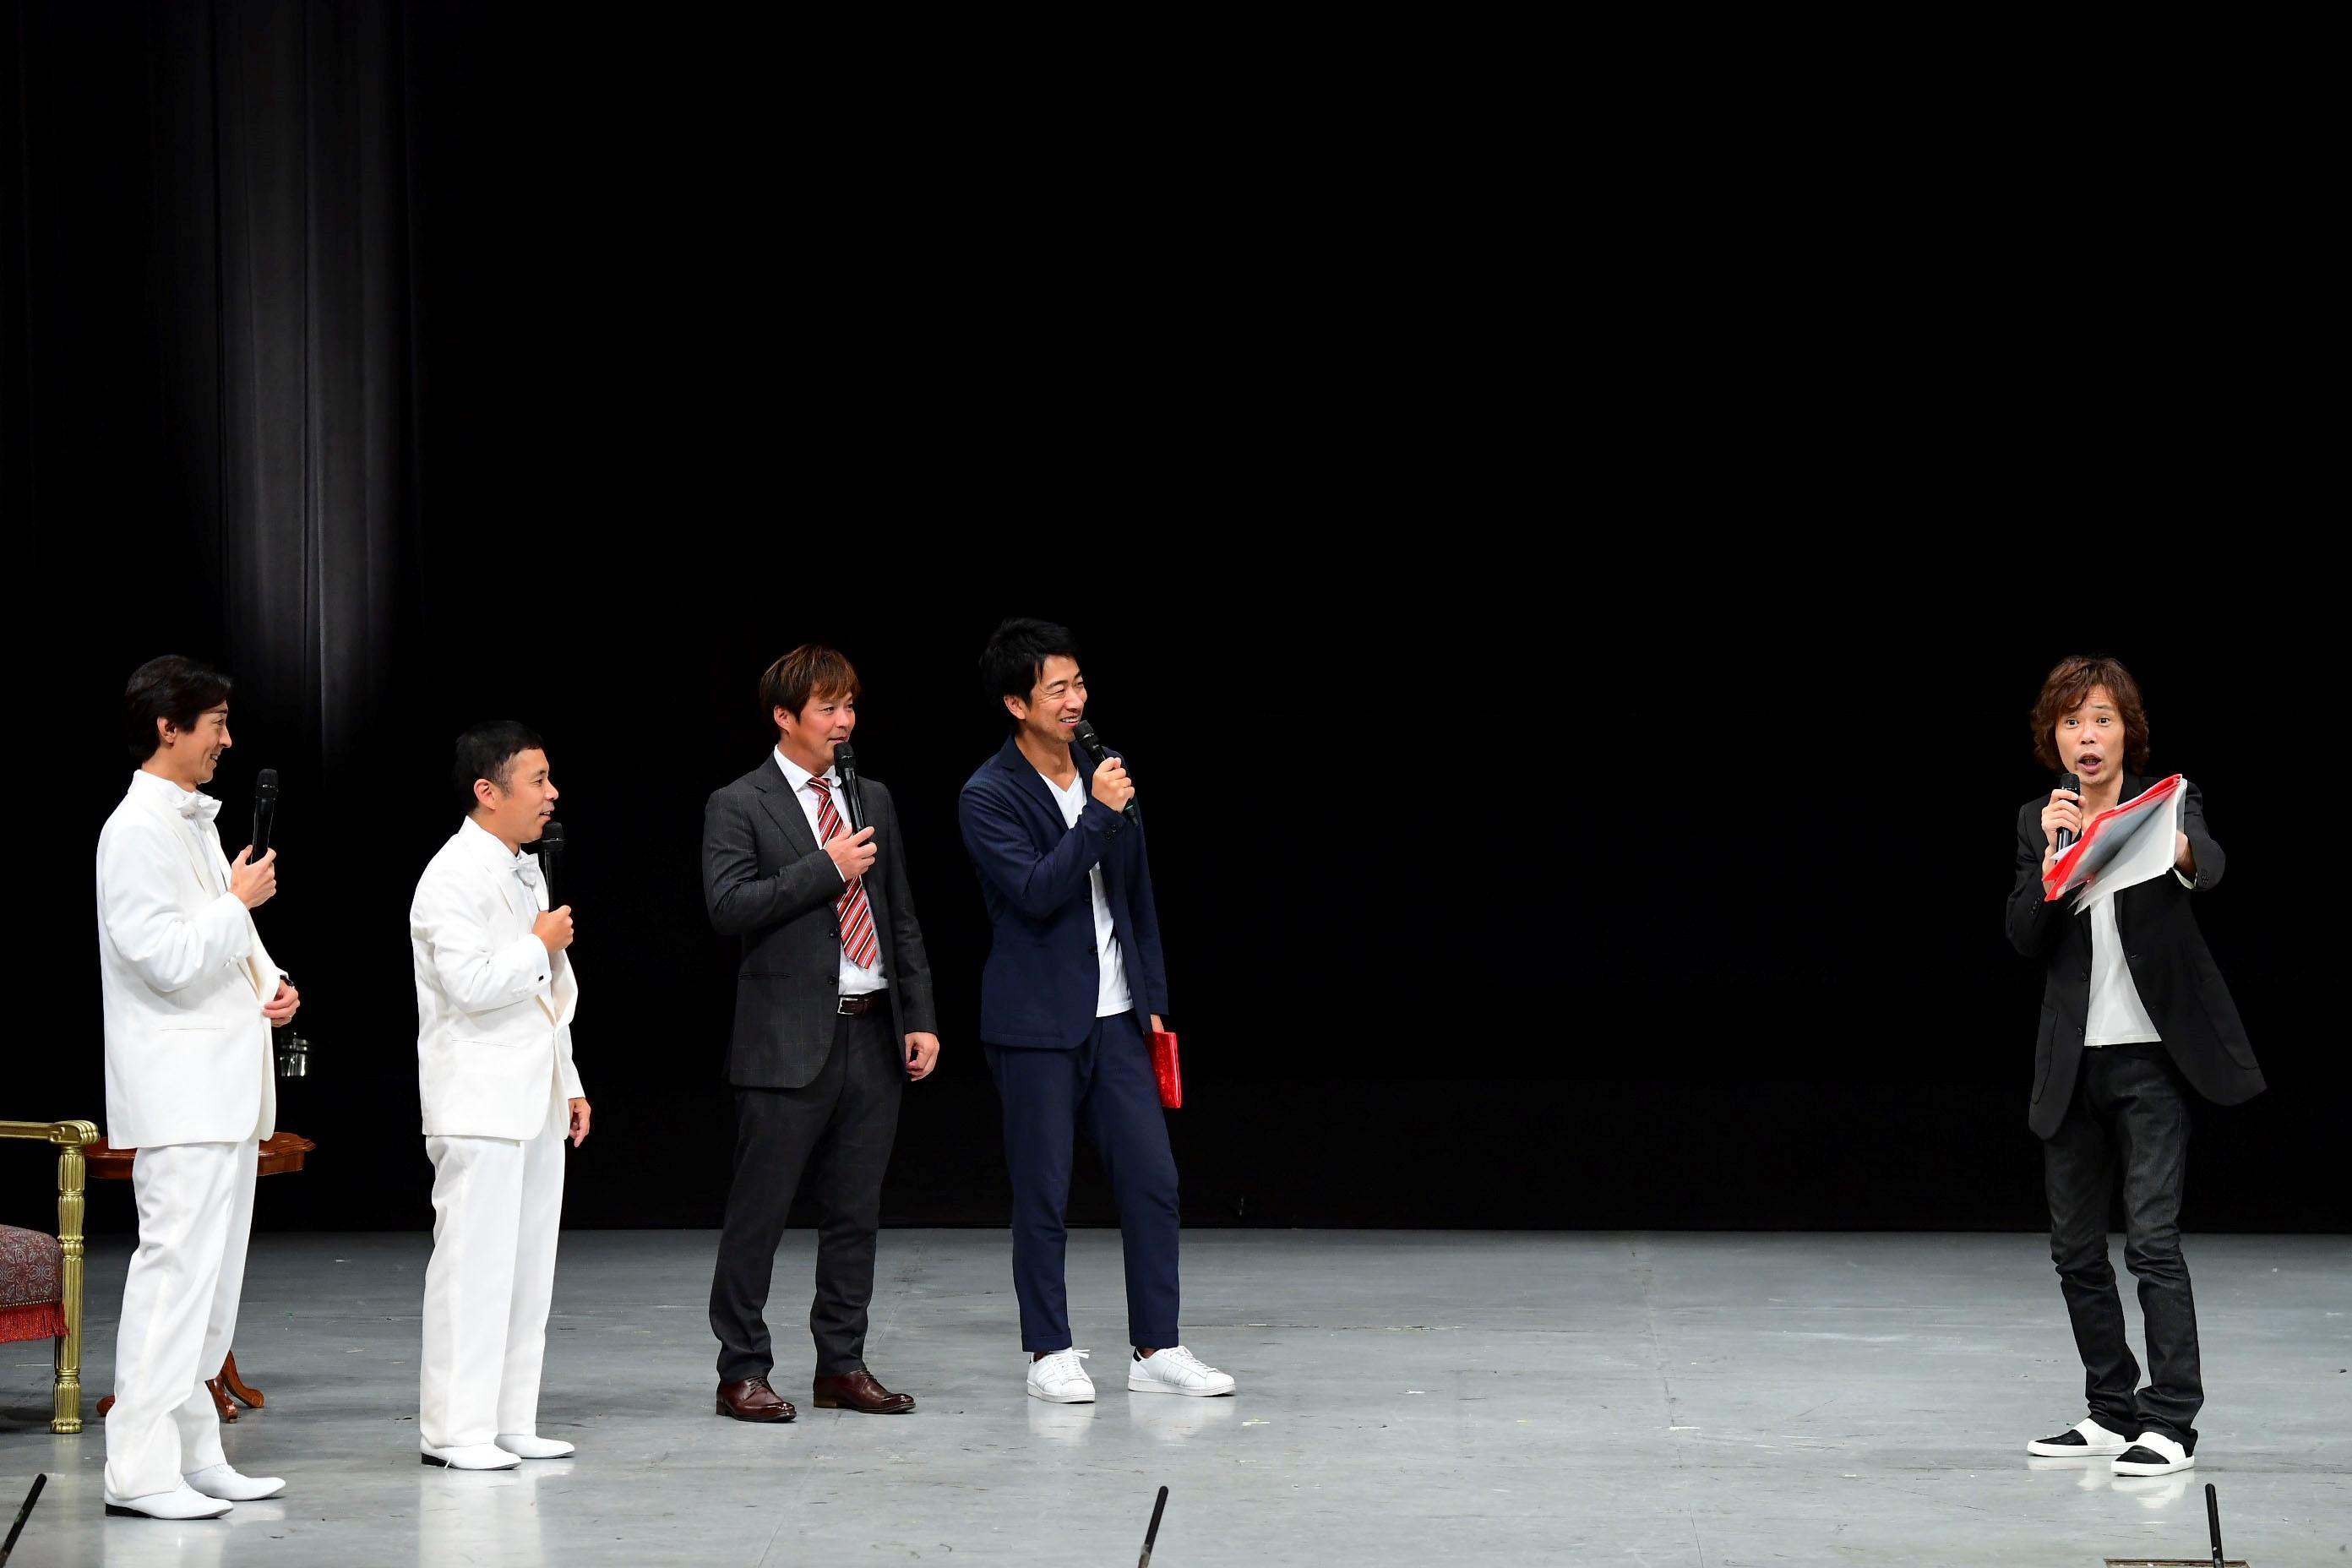 http://news.yoshimoto.co.jp/20170929192432-6746fc76c9a2b35a49309373e7aad820fc0cc258.jpg